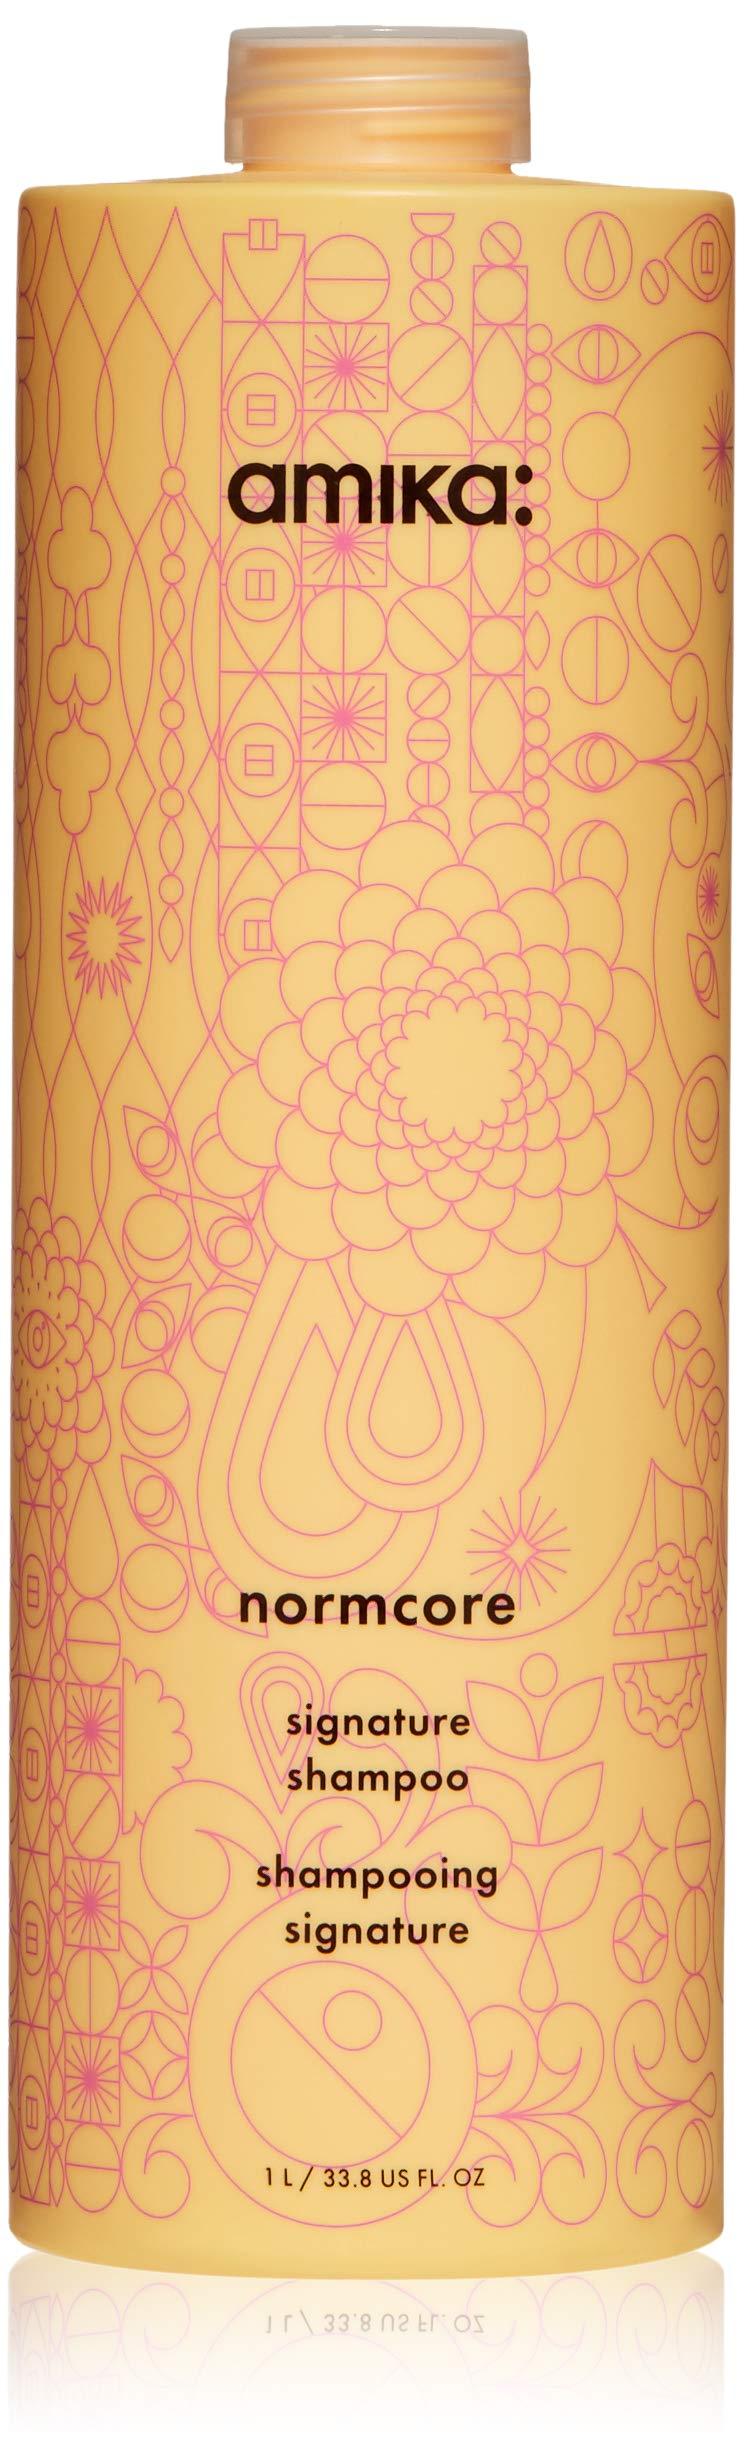 amika Normcore Signature Shampoo by amika